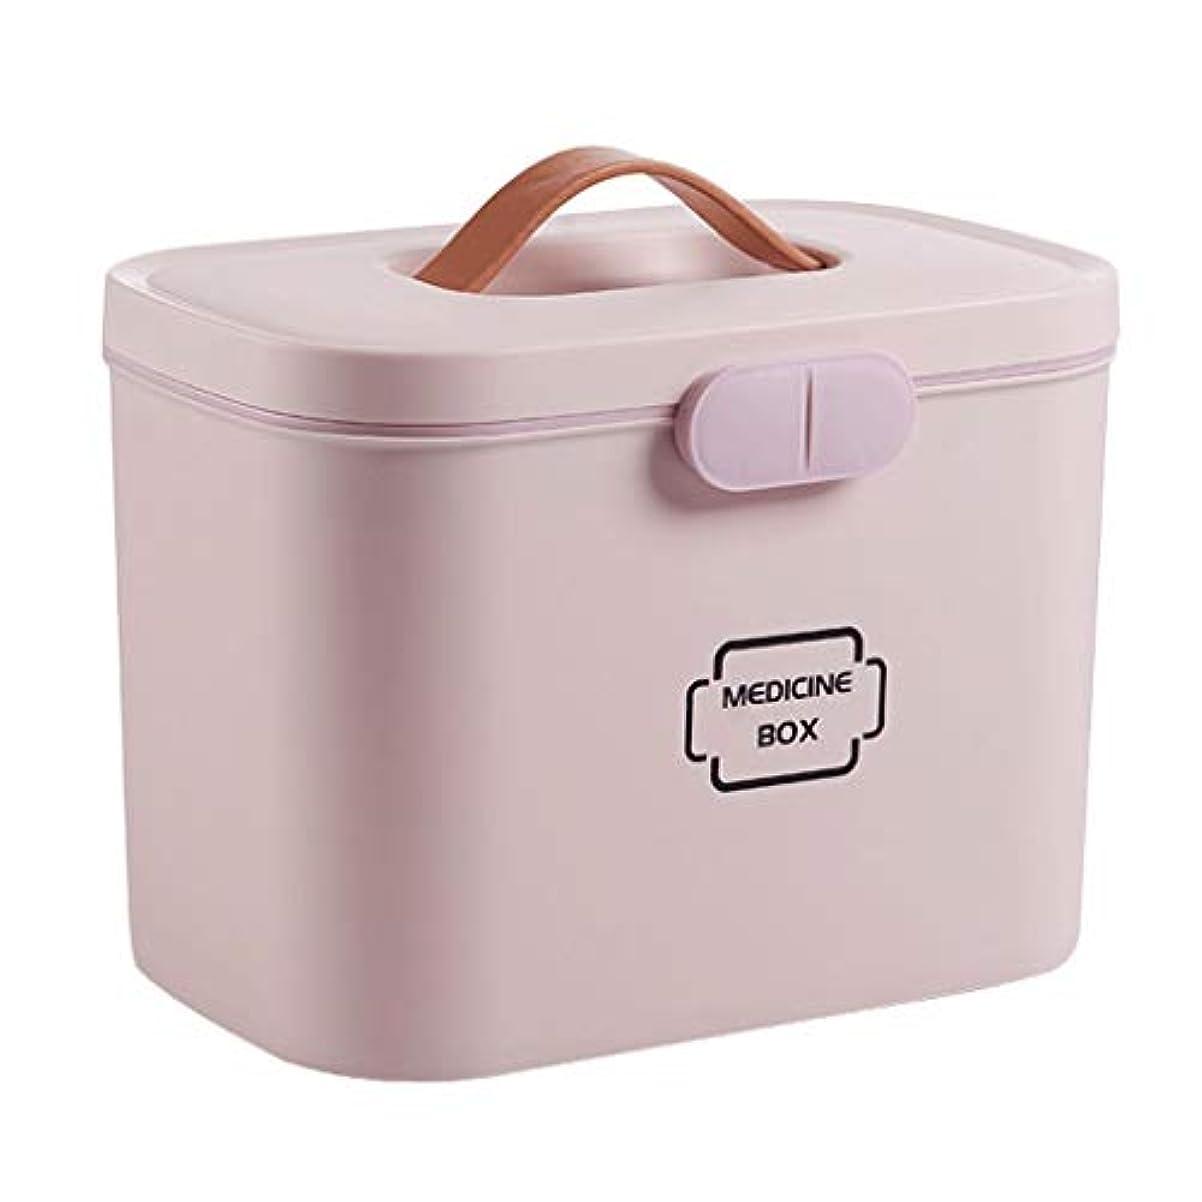 獣トースト海外でピルボックスPP 28.5 * 18 * 21 cm家庭用薬ボックス薬収納ボックス (色 : ピンク)